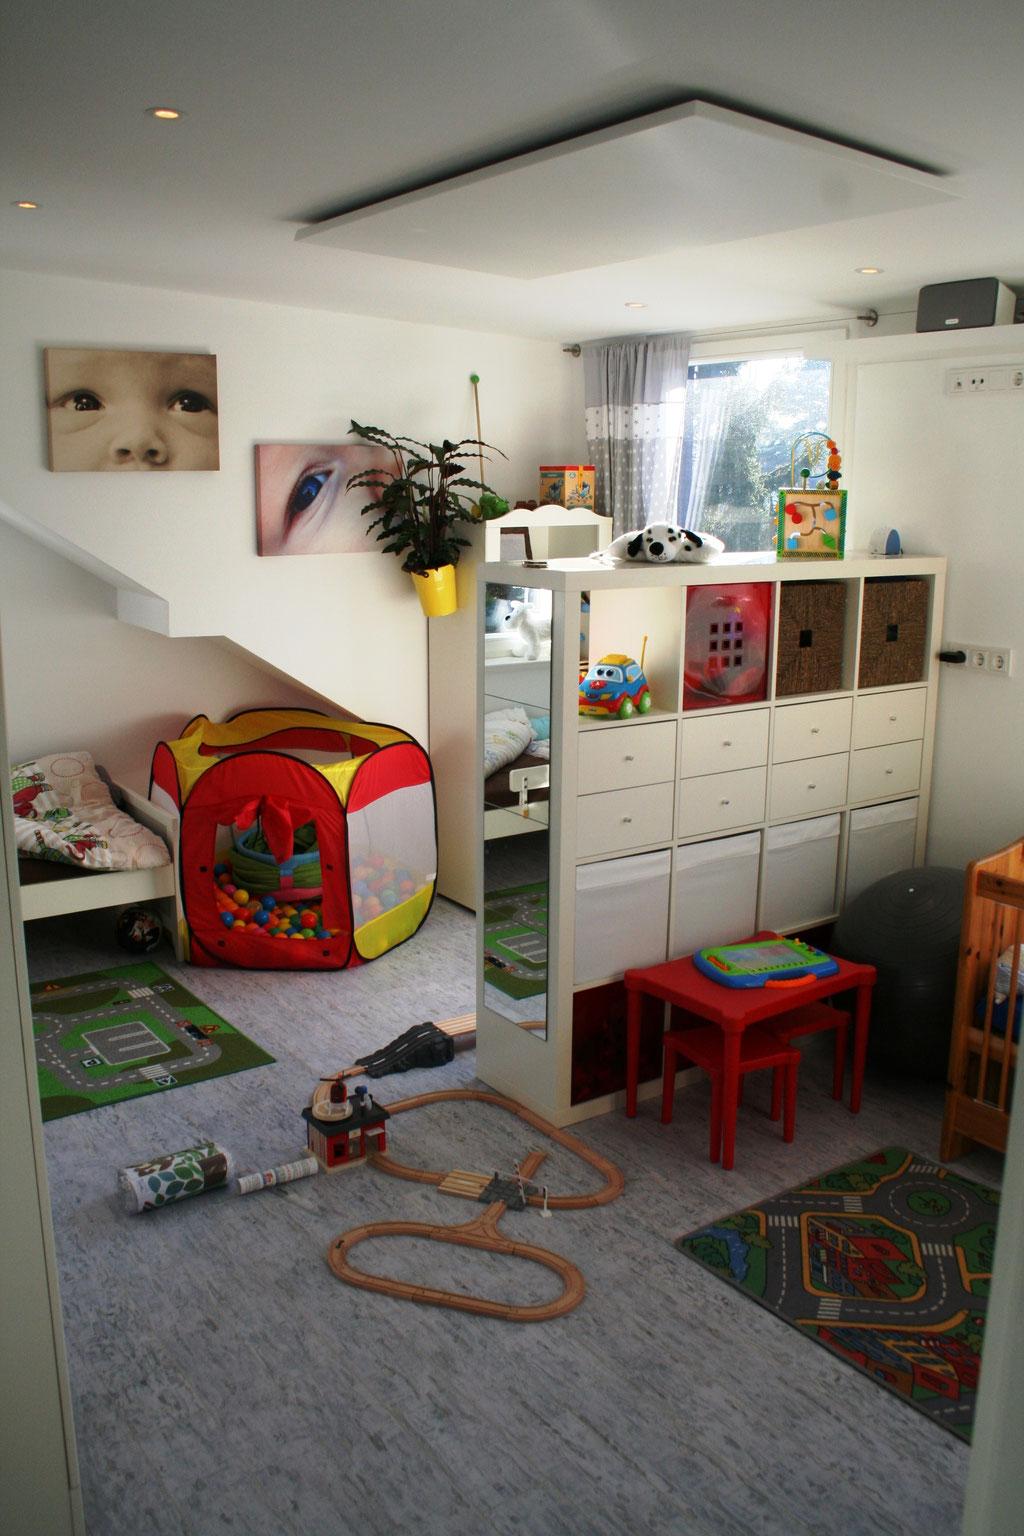 HALLER Infrarotheizung Deckenmontage im Kinderzimmer